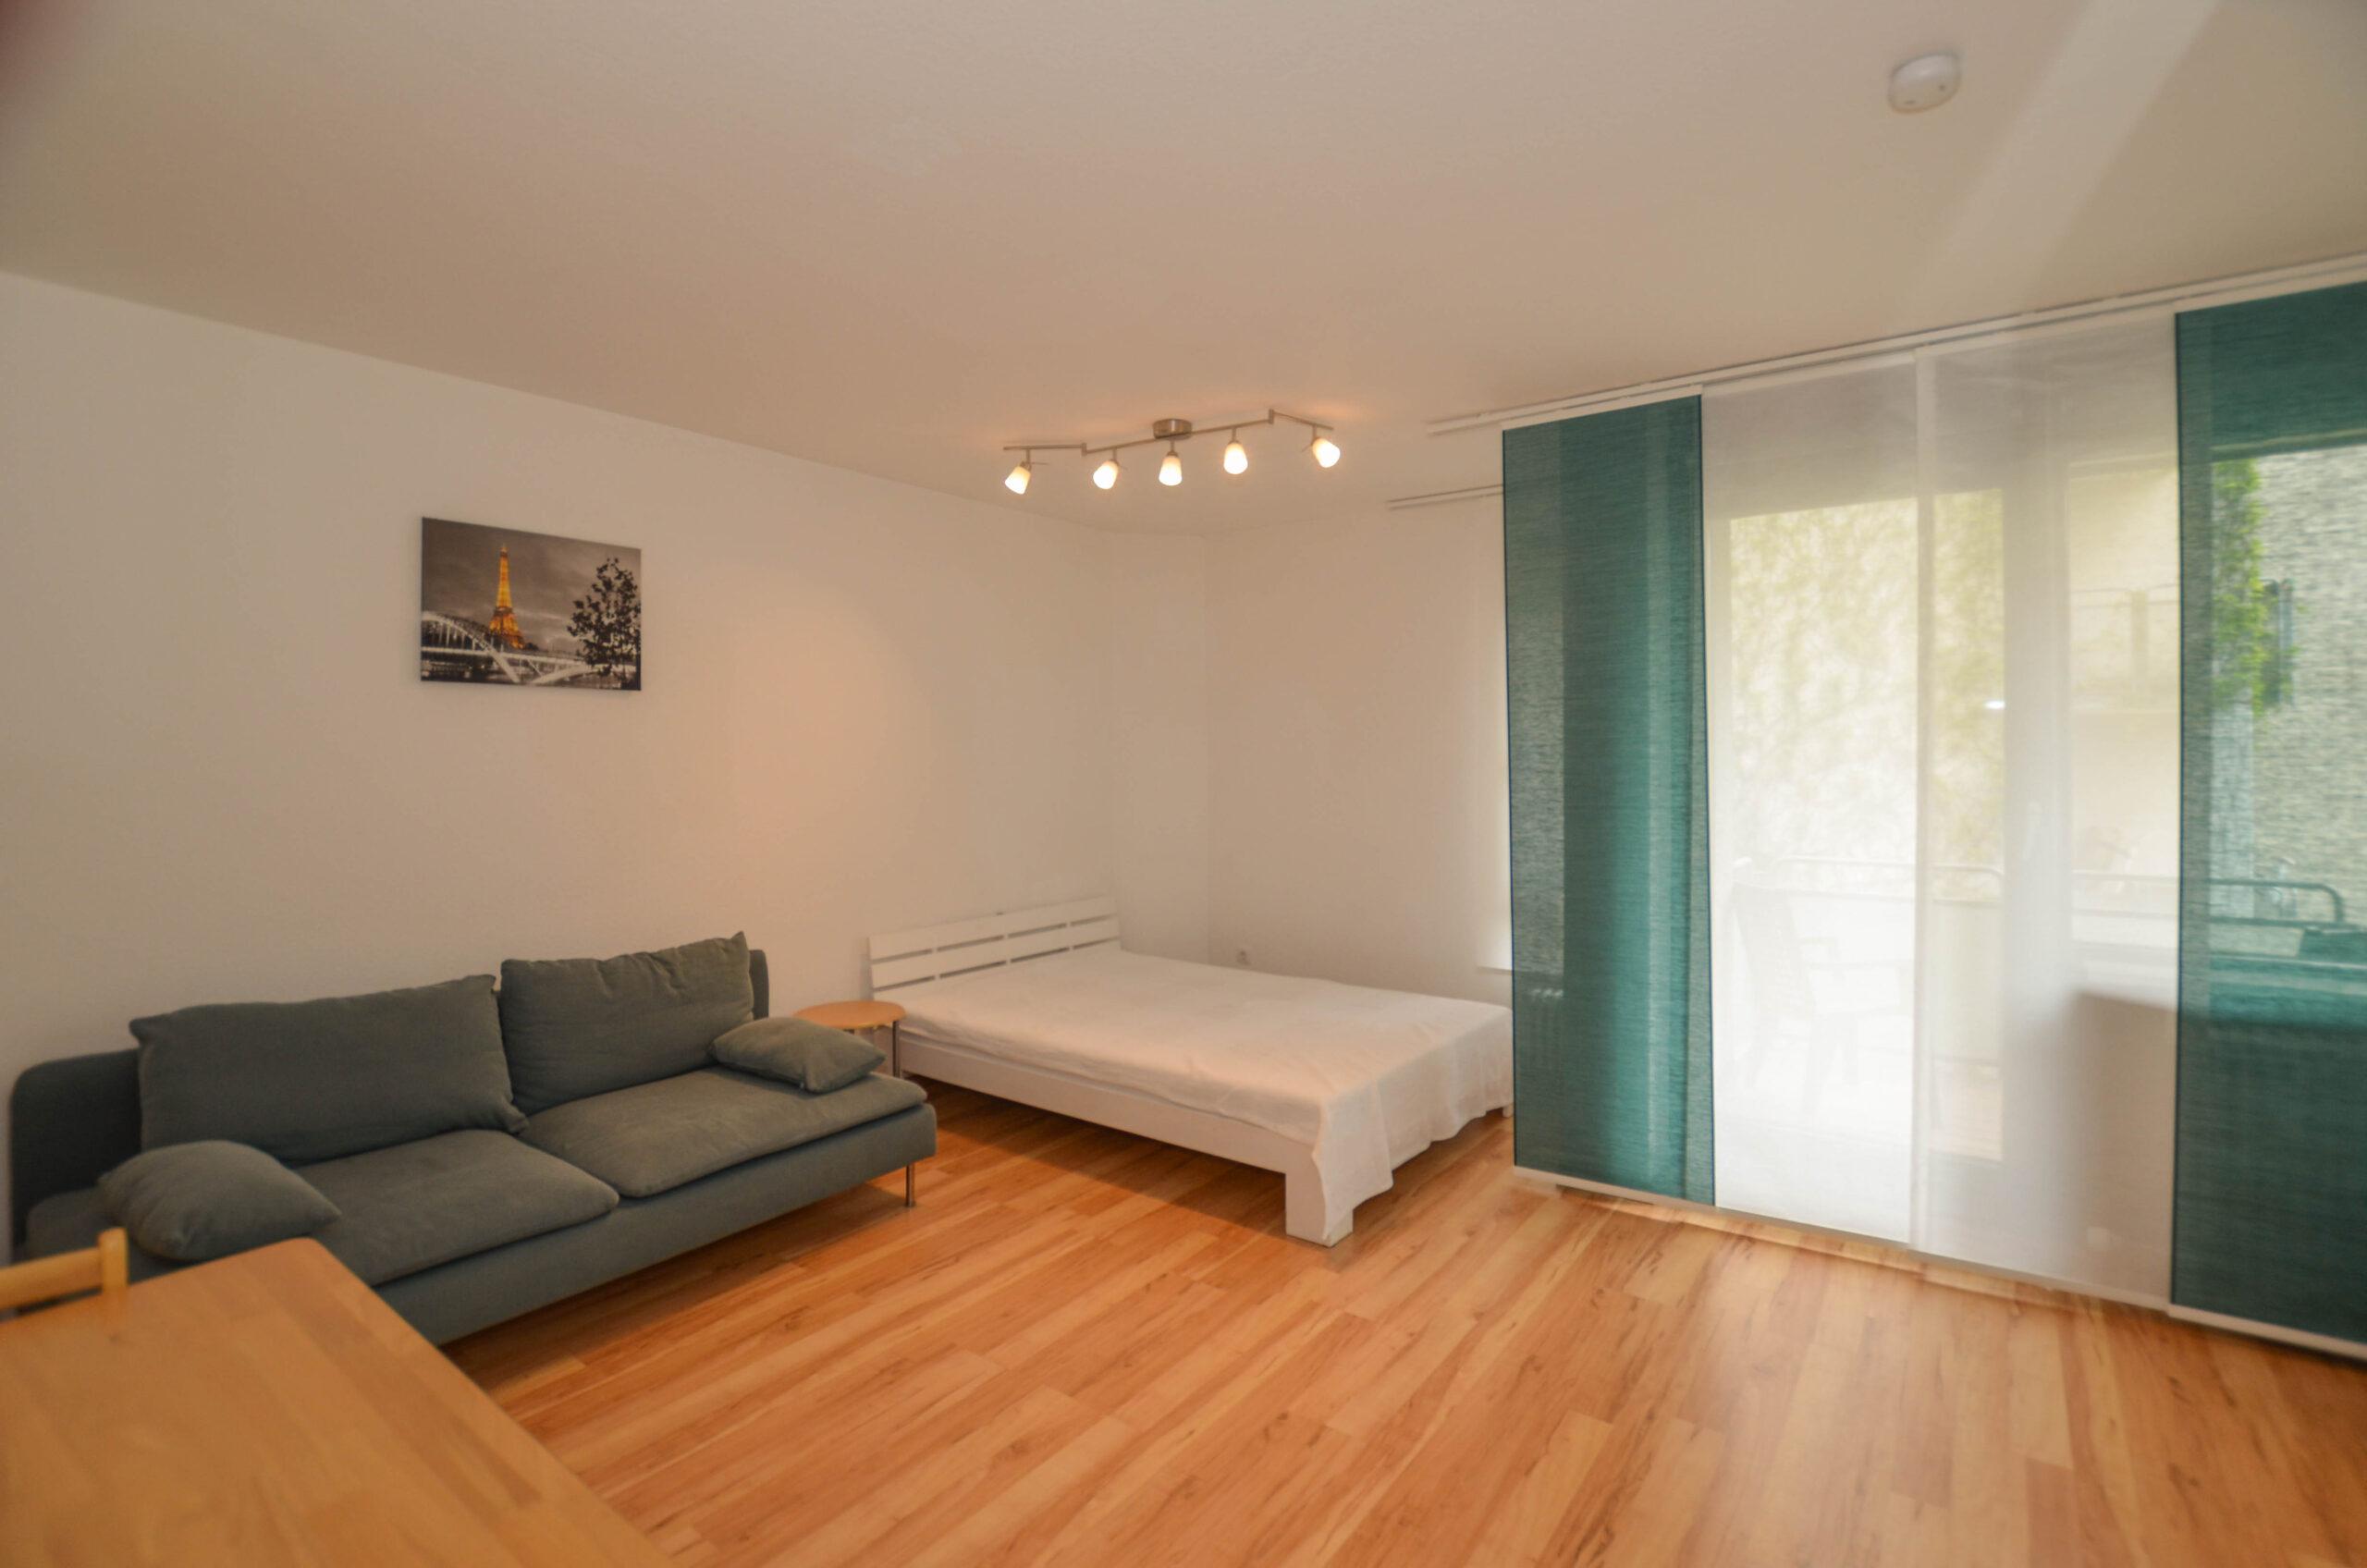 Schicke und frisch renovierte Wohnung